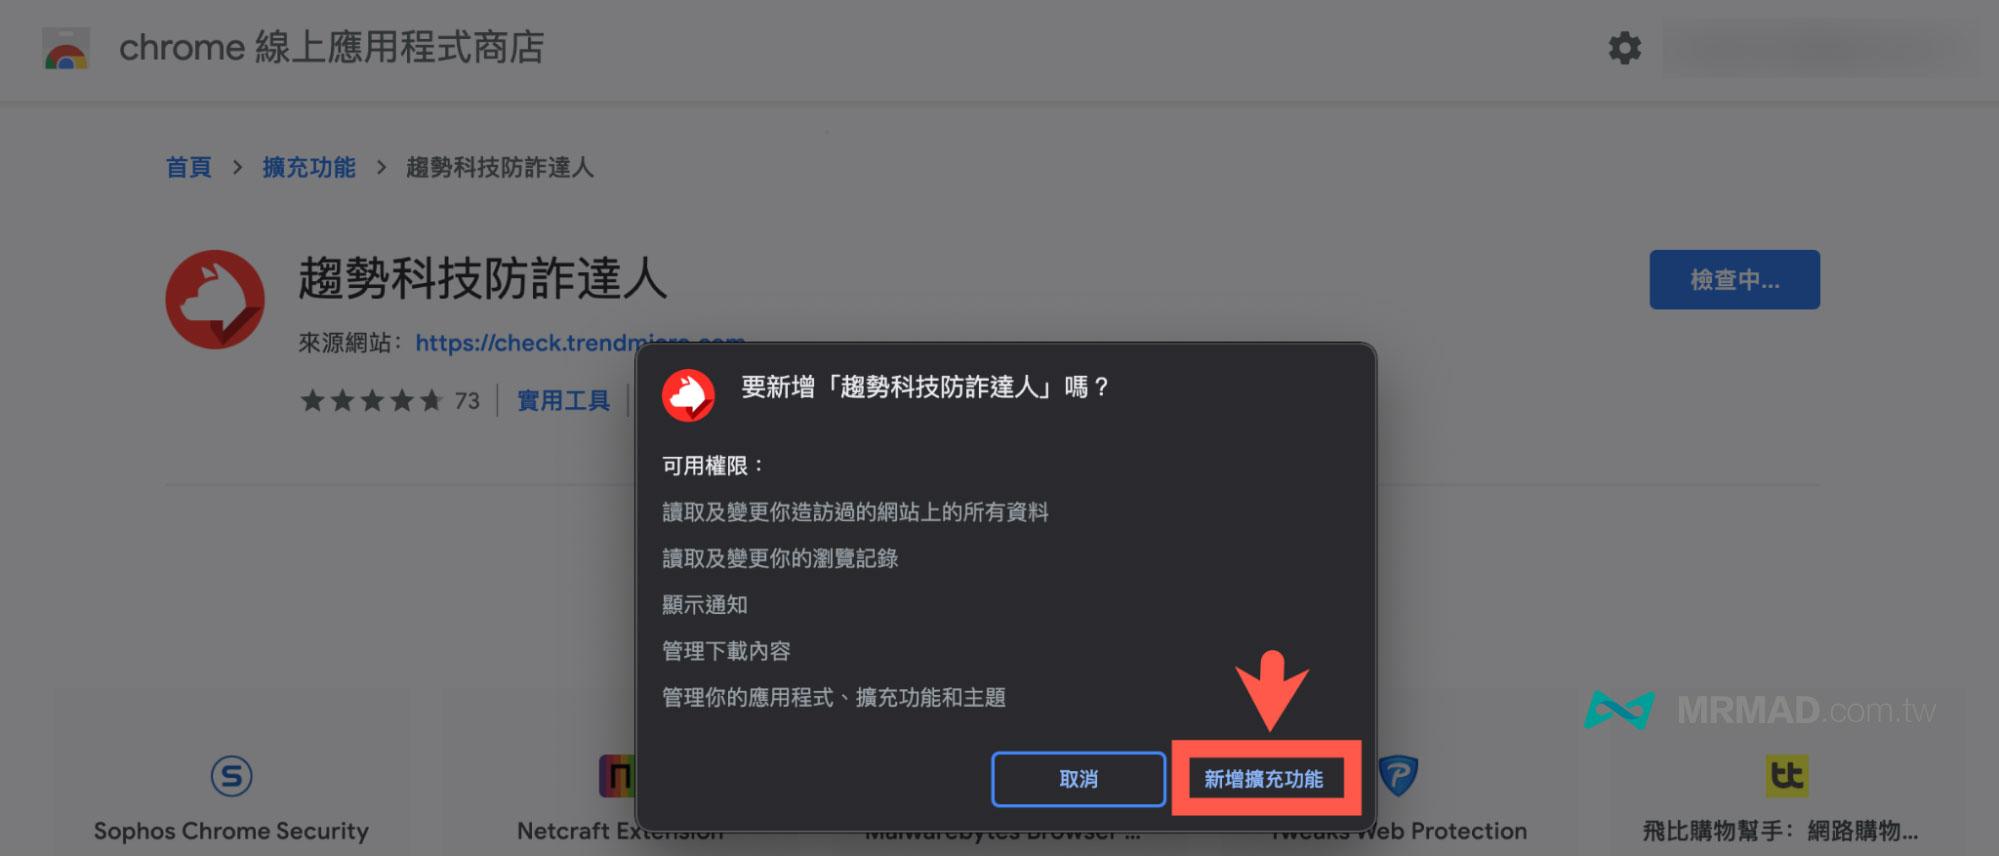 趨勢科技防詐達人 Chrome 擴充插件下載2